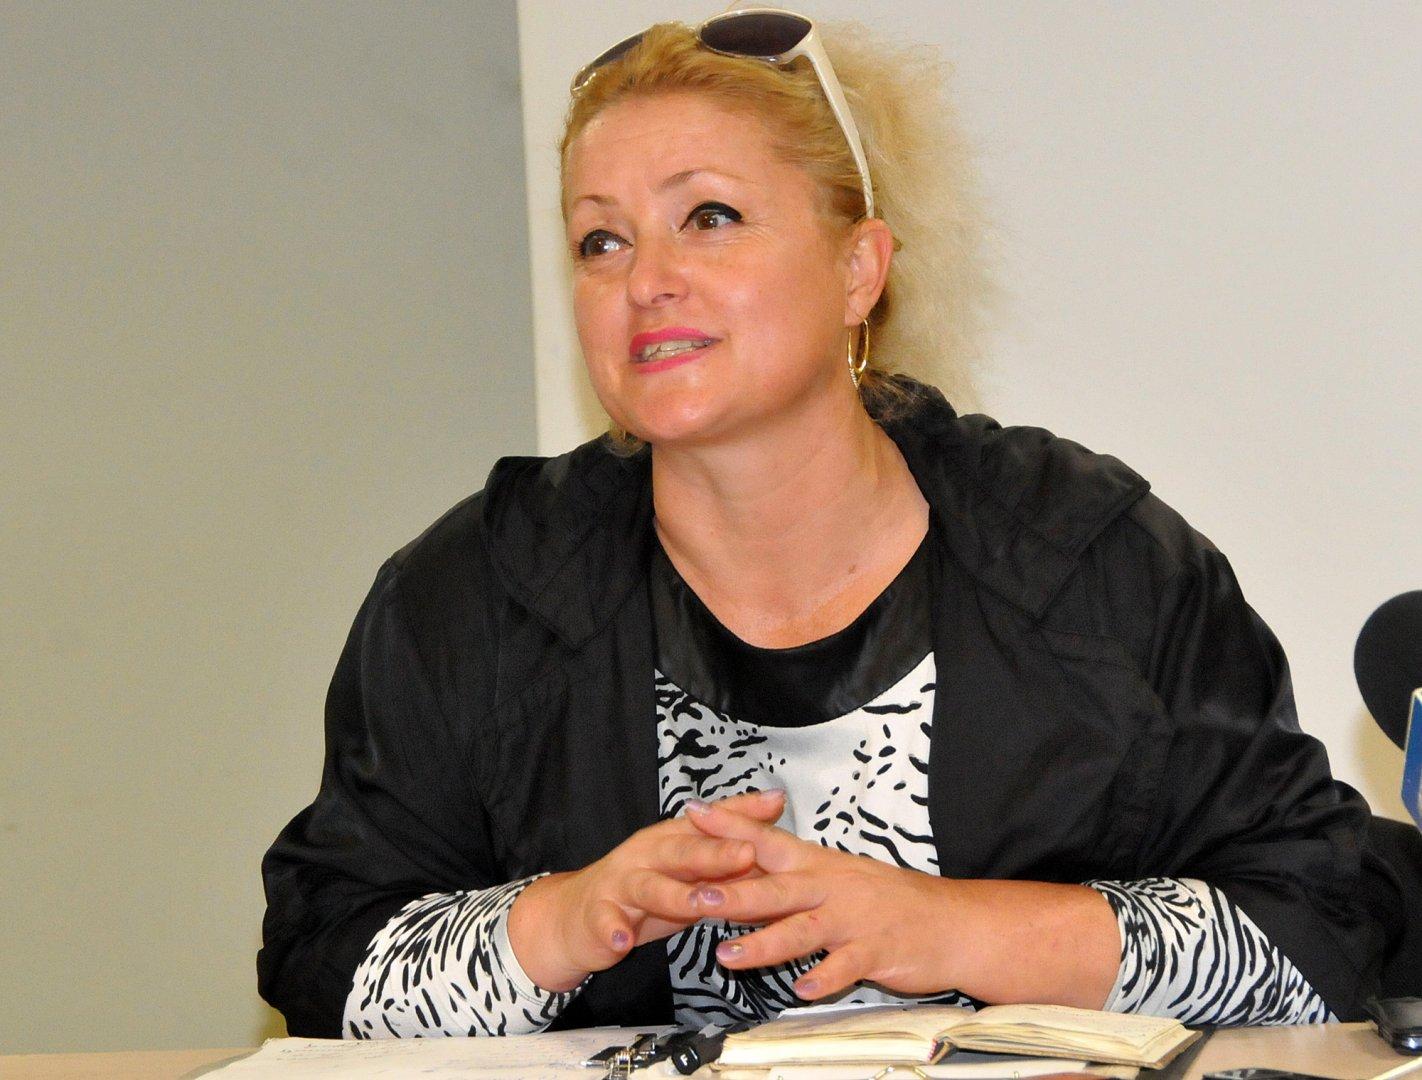 Общината ни предоставя сцена и пи помага с логистиката, каза Диана Цинцарска. Снимка Лина Главинова